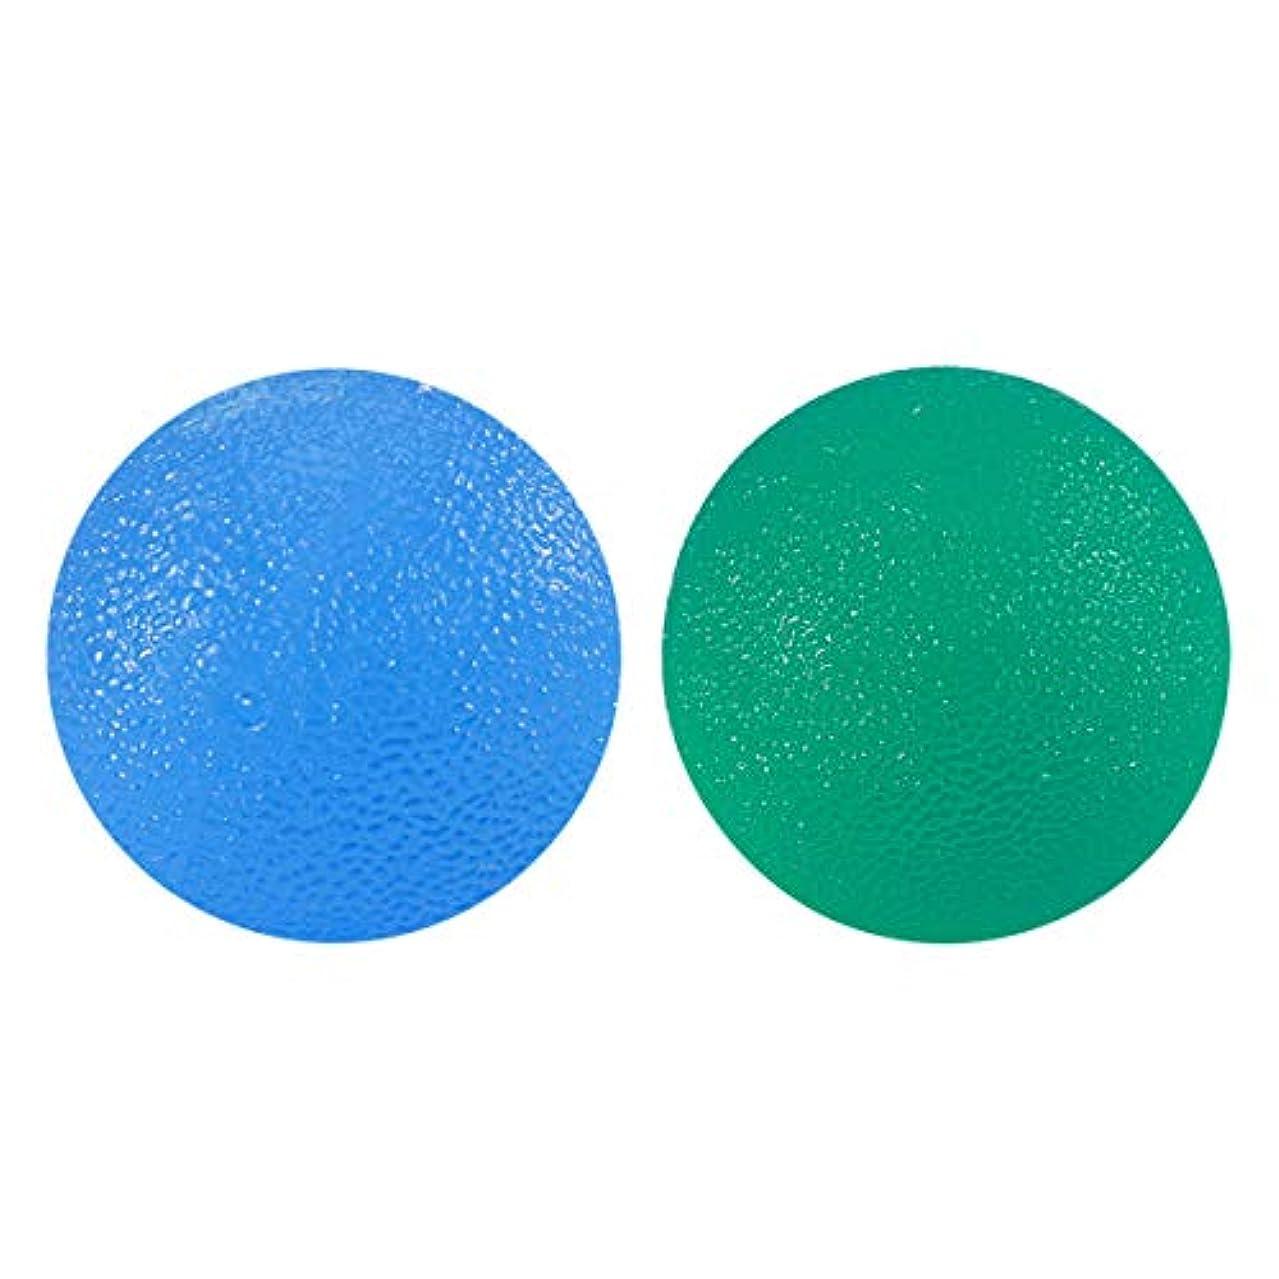 頬骨コンデンサーハンドブックHEALIFTY 2本の中国の健康運動マッサージボールのストレスは、手の運動(緑と青)